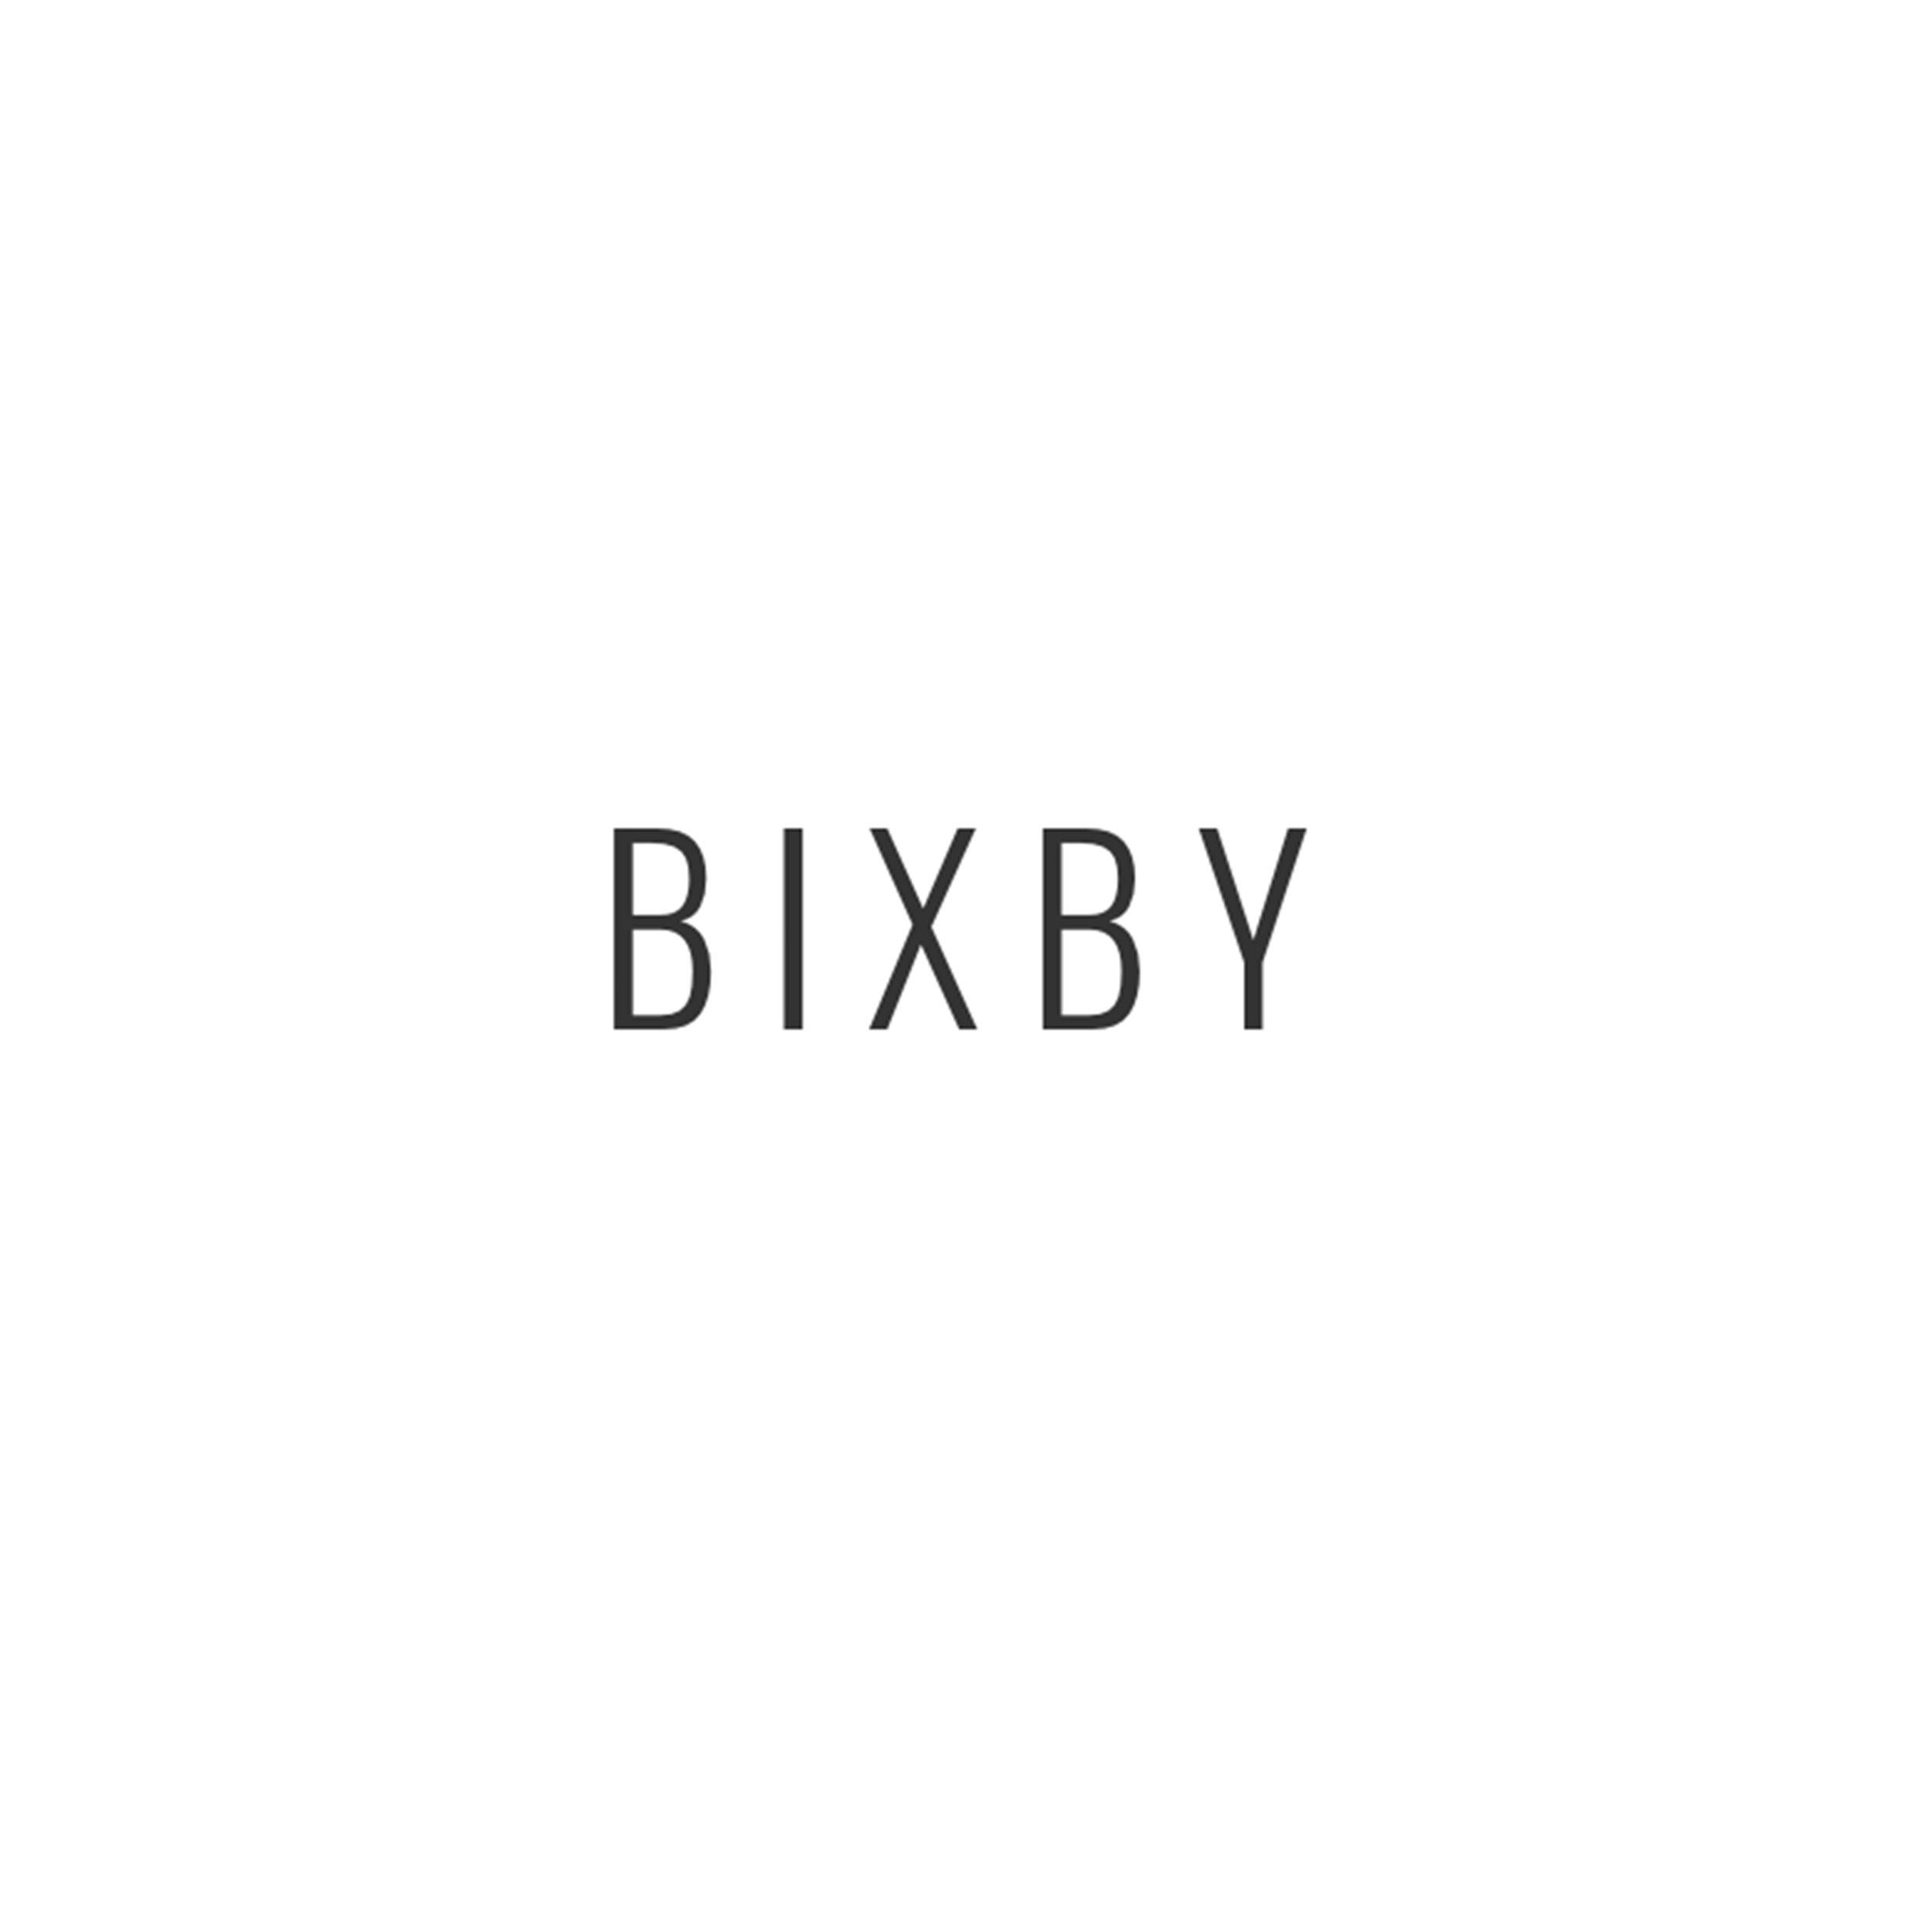 BIXBY.jpg